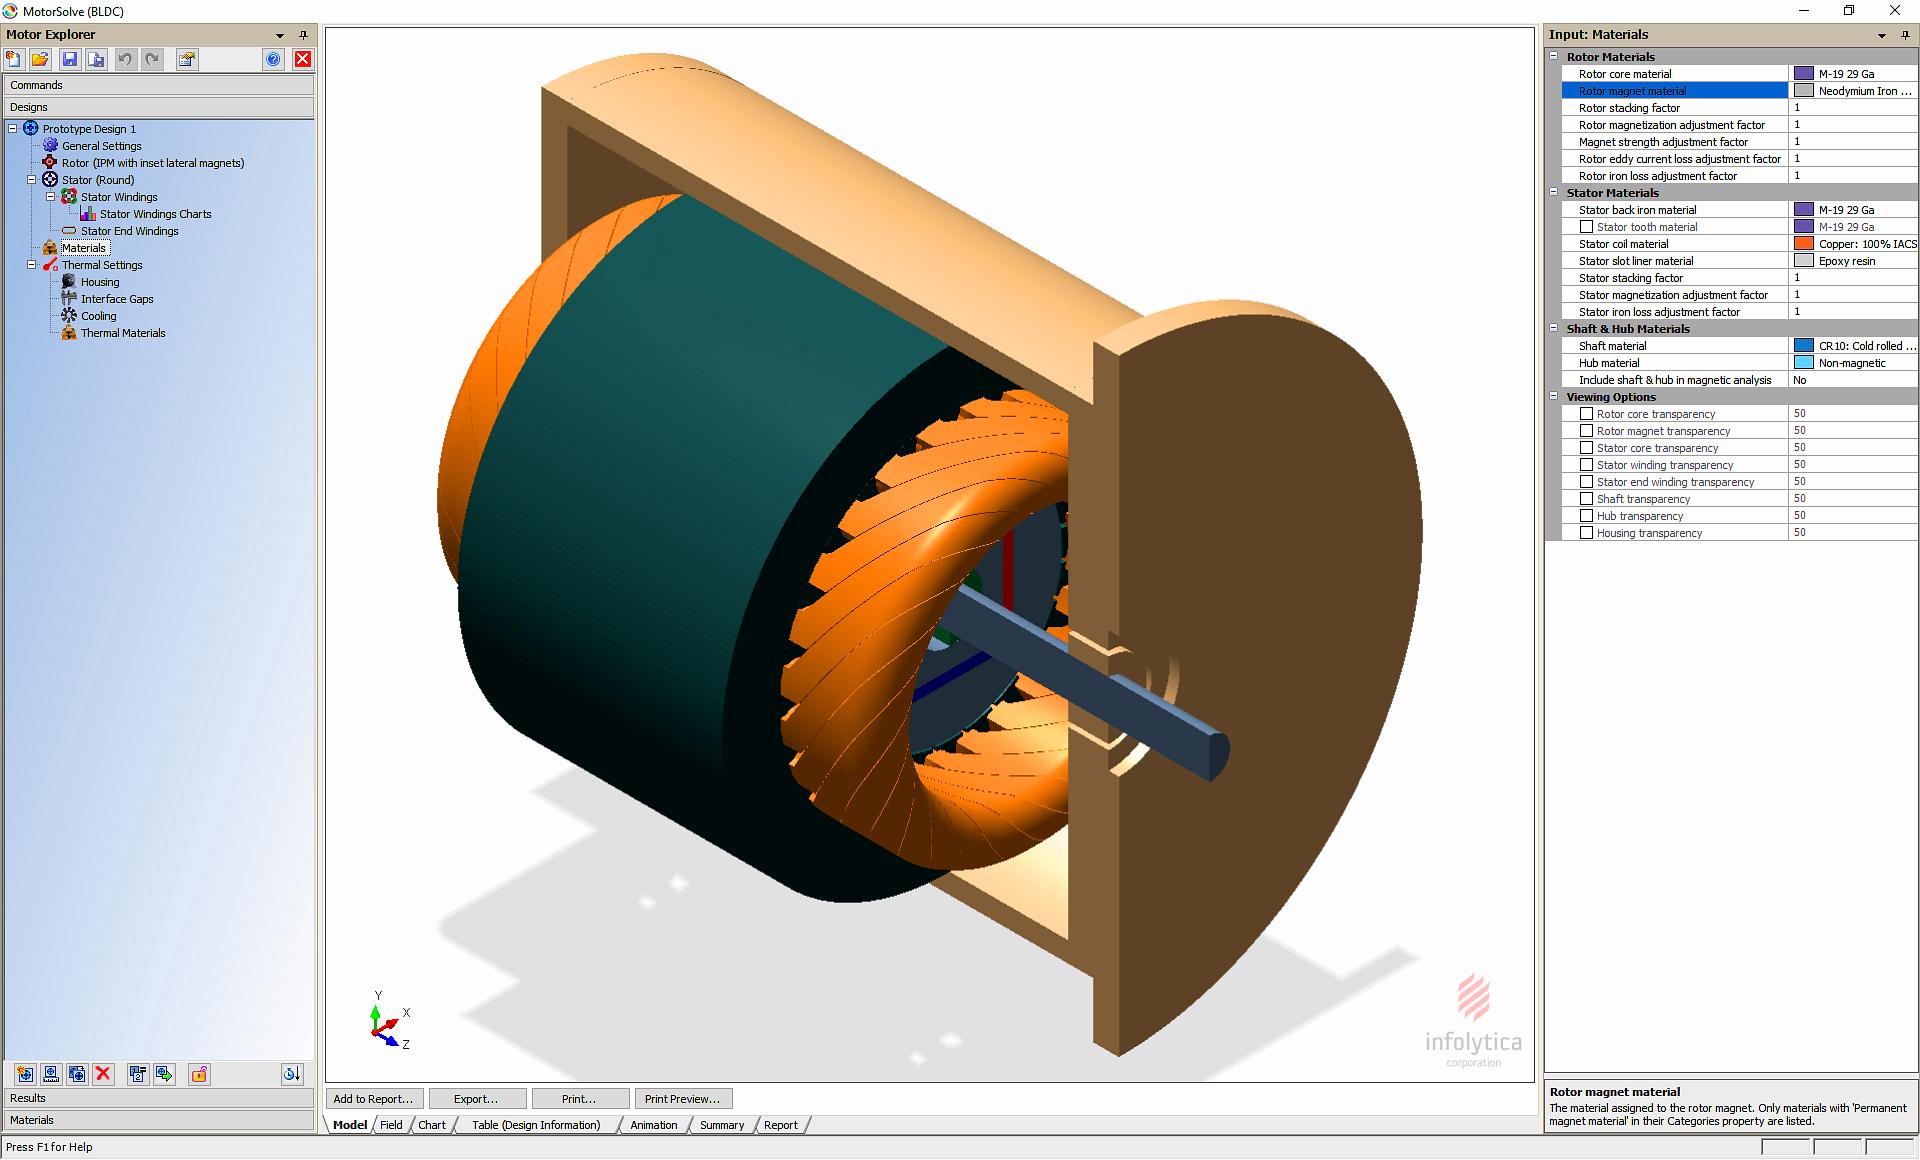 Infolytica releases MotorSolve v2.5